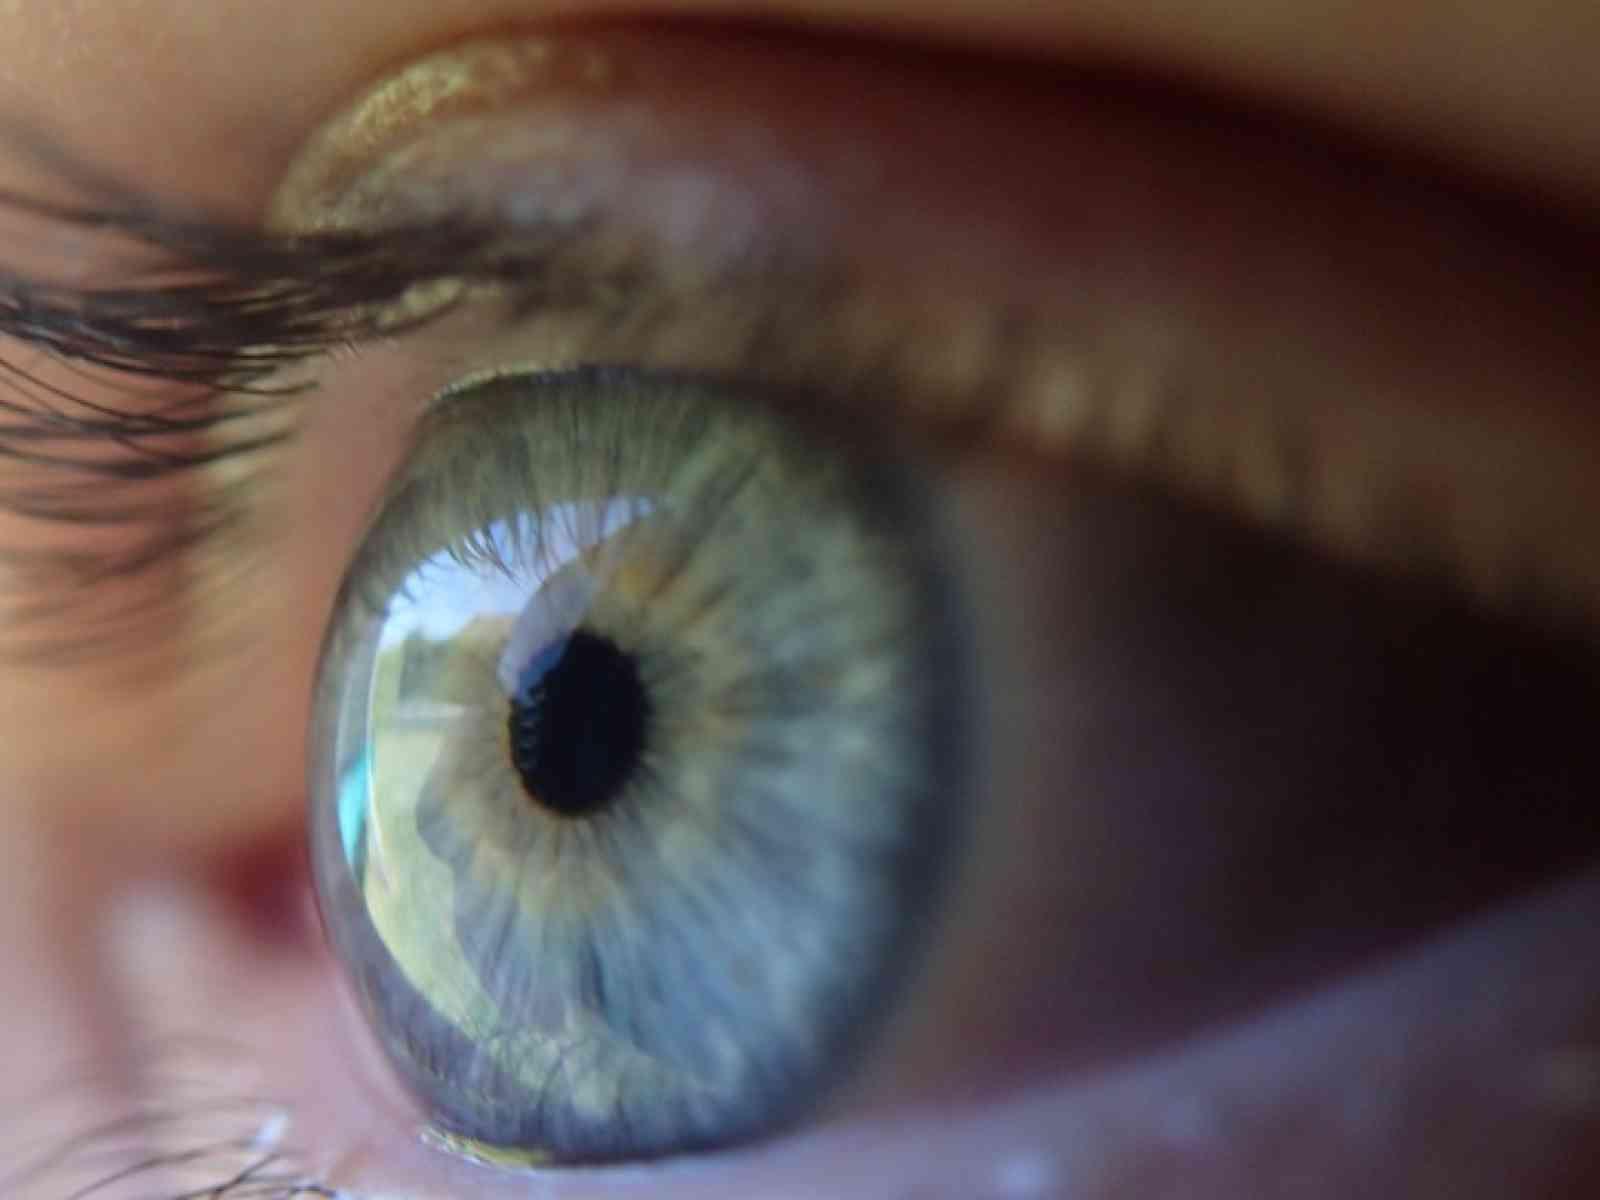 Immagine articolo: Perché l'occhio pulsa? Ecco perché